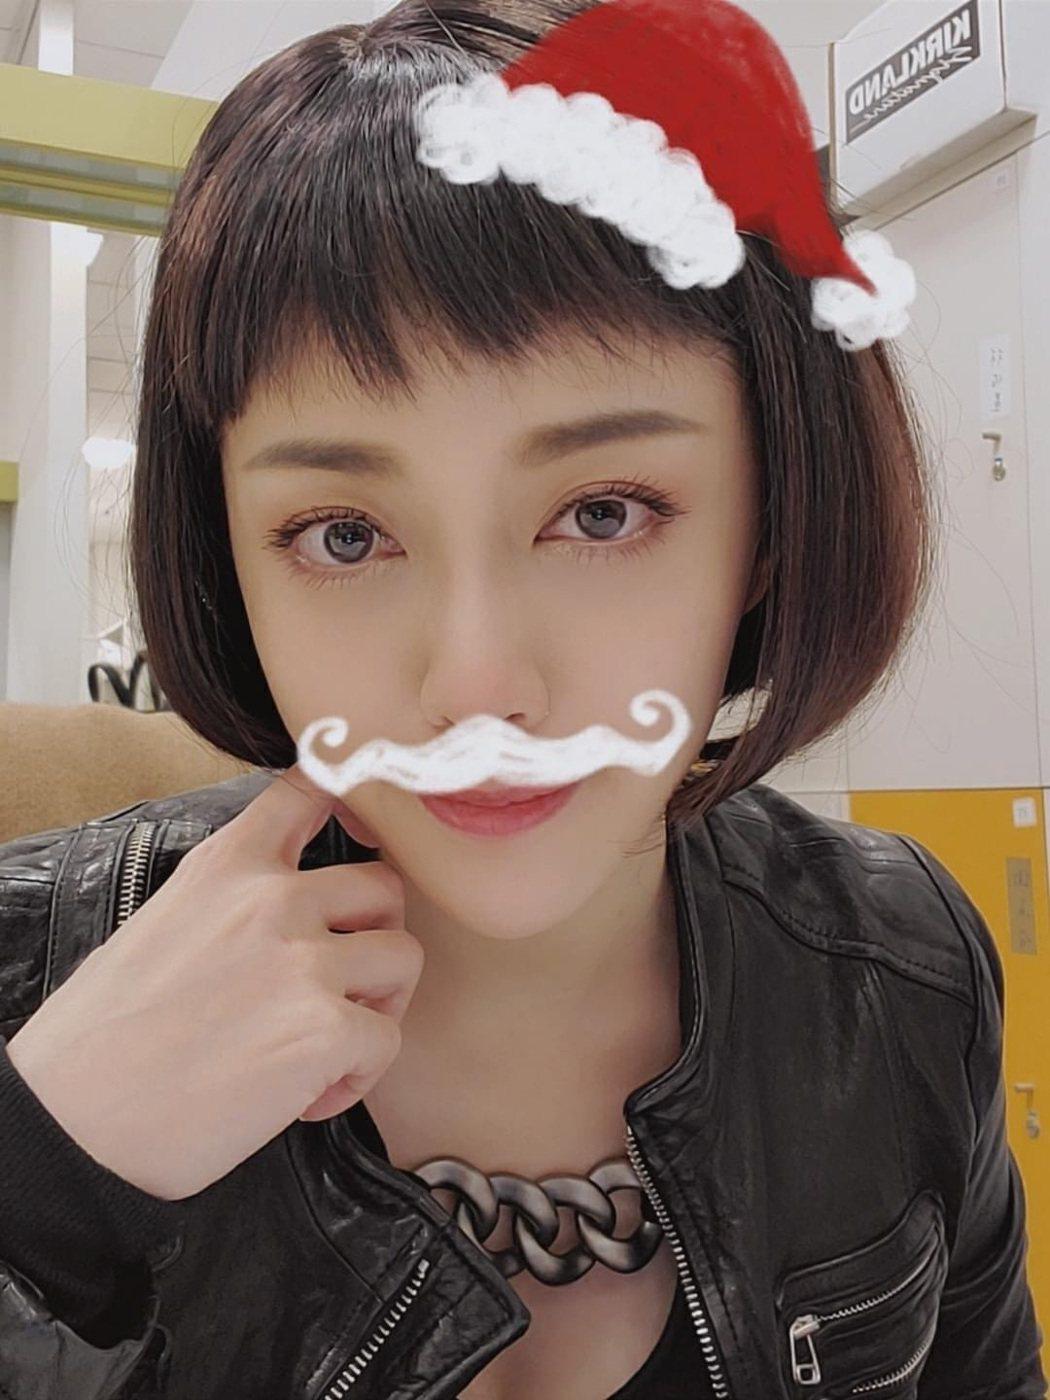 韓瑜在社群媒體上貼上短髮照片自認很帥。圖/摘自臉書